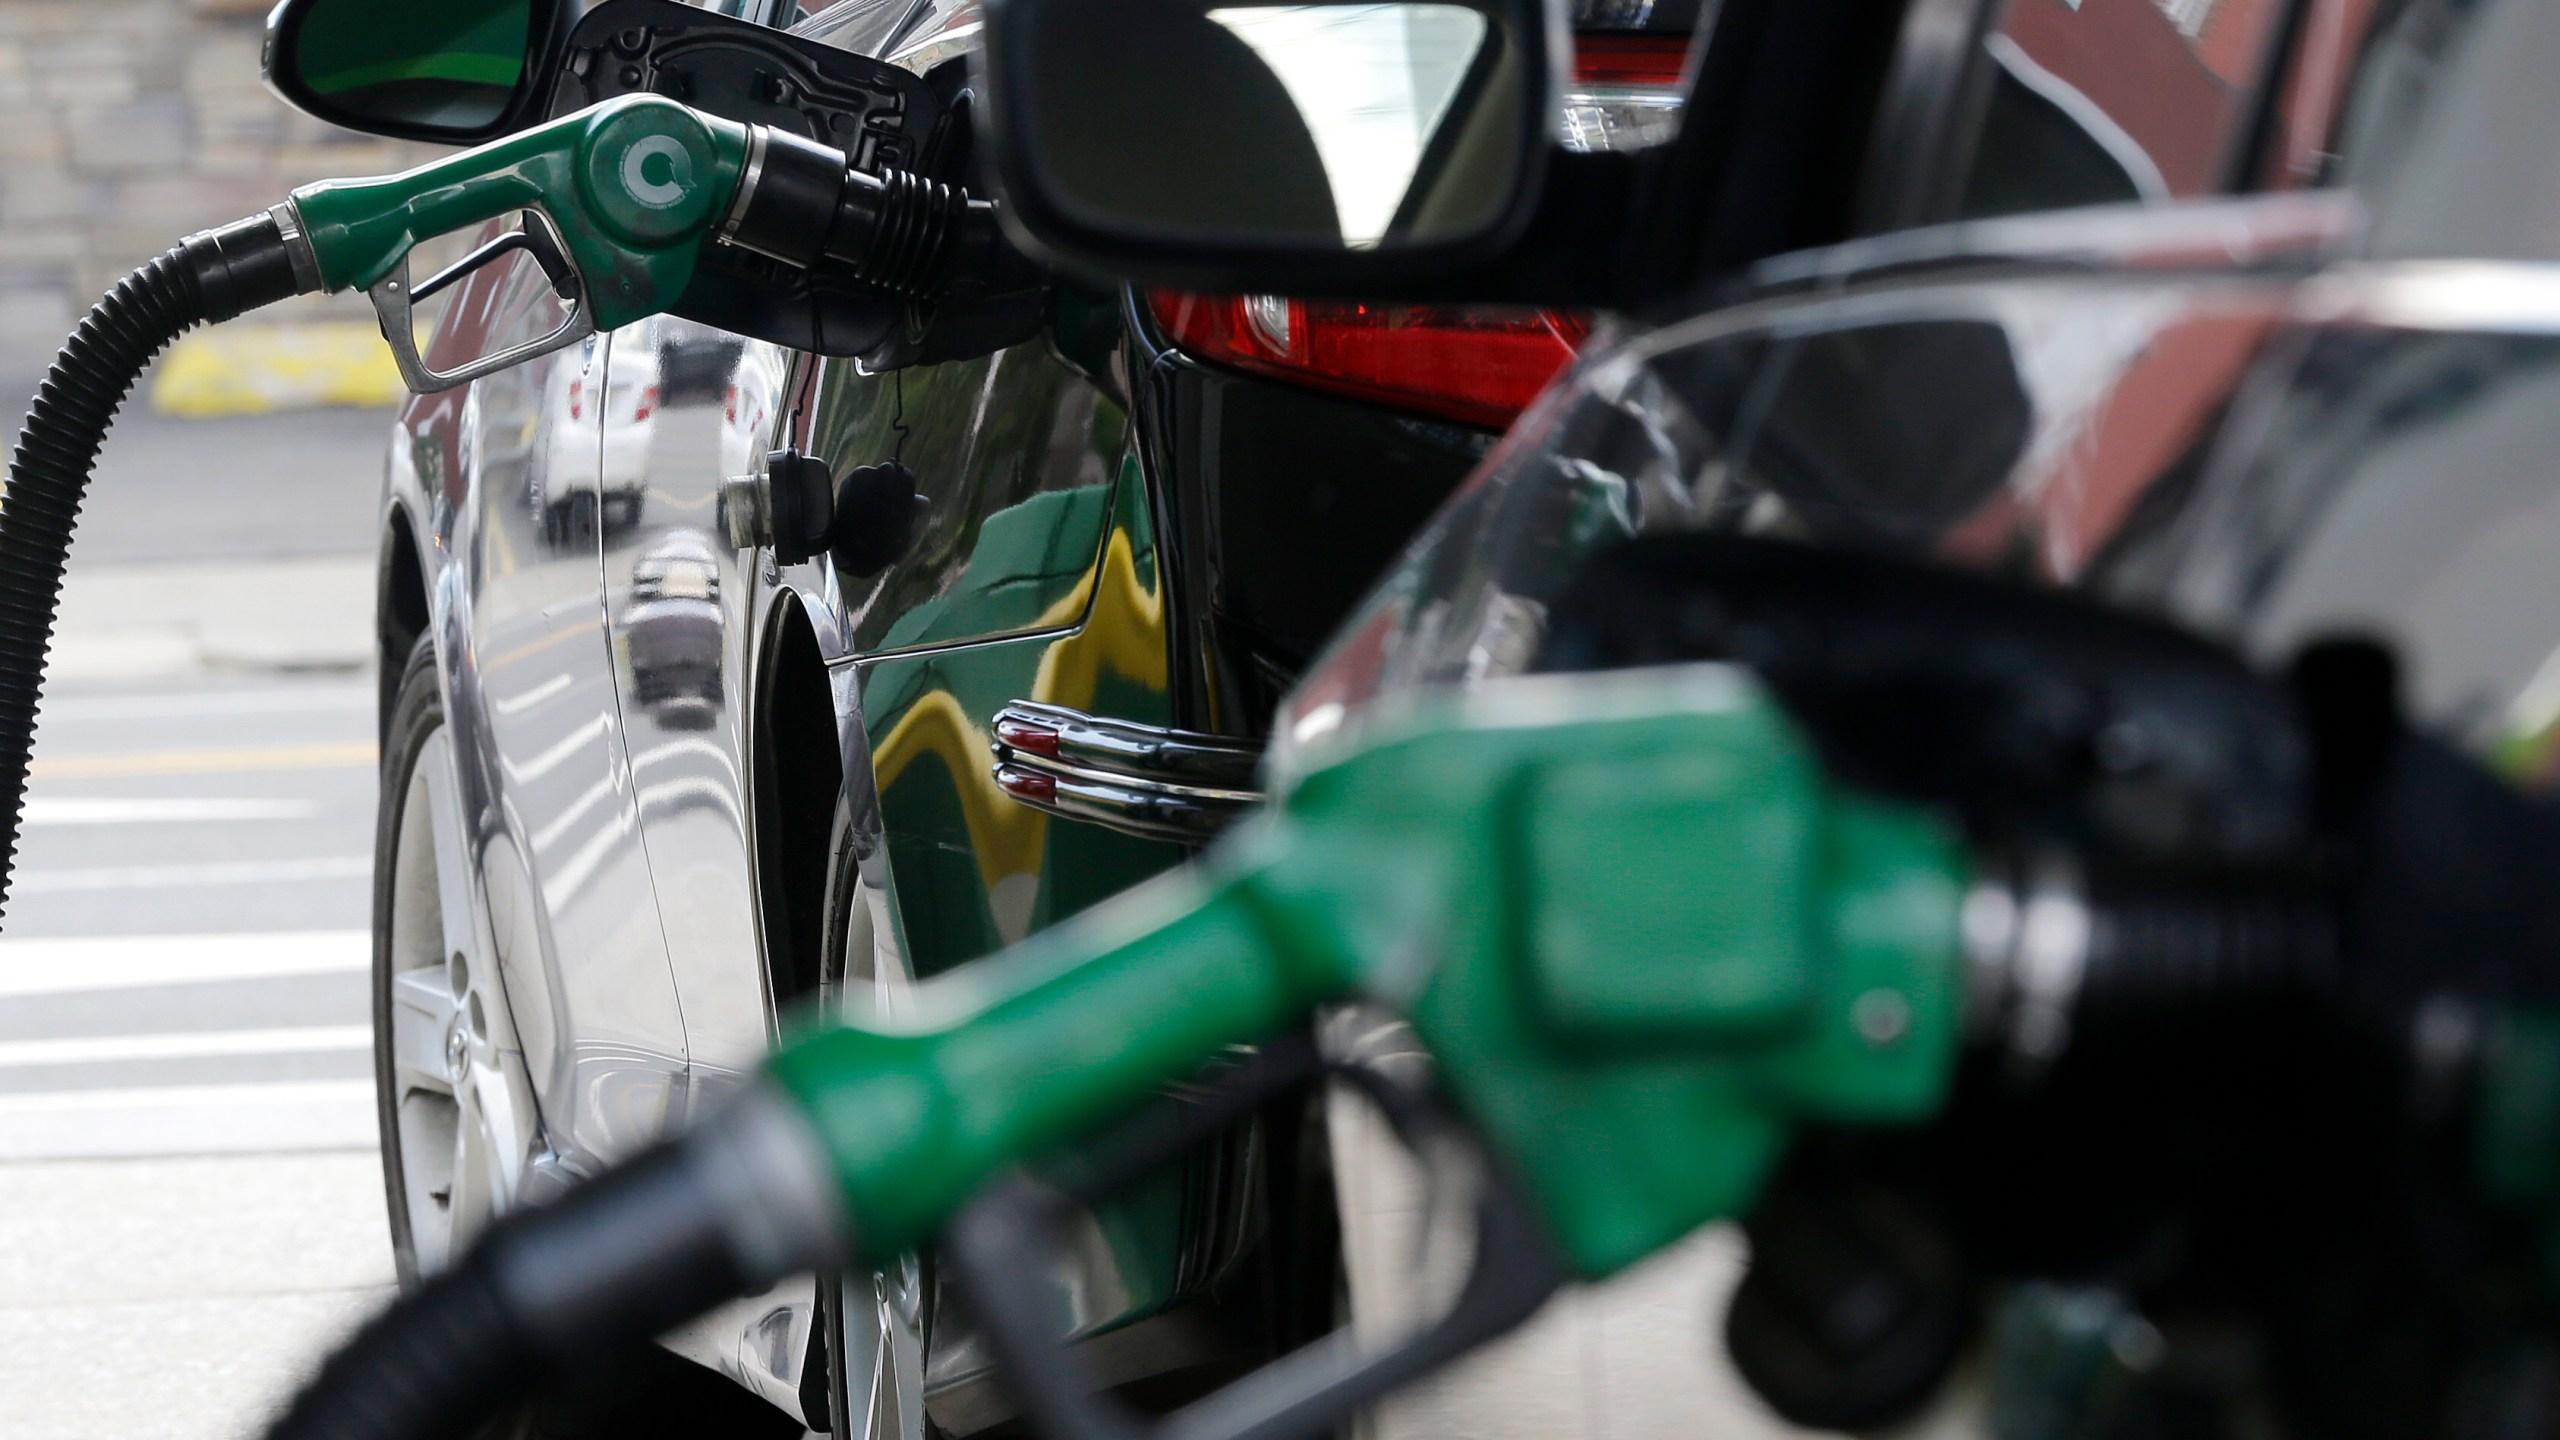 Gas pumps_260558